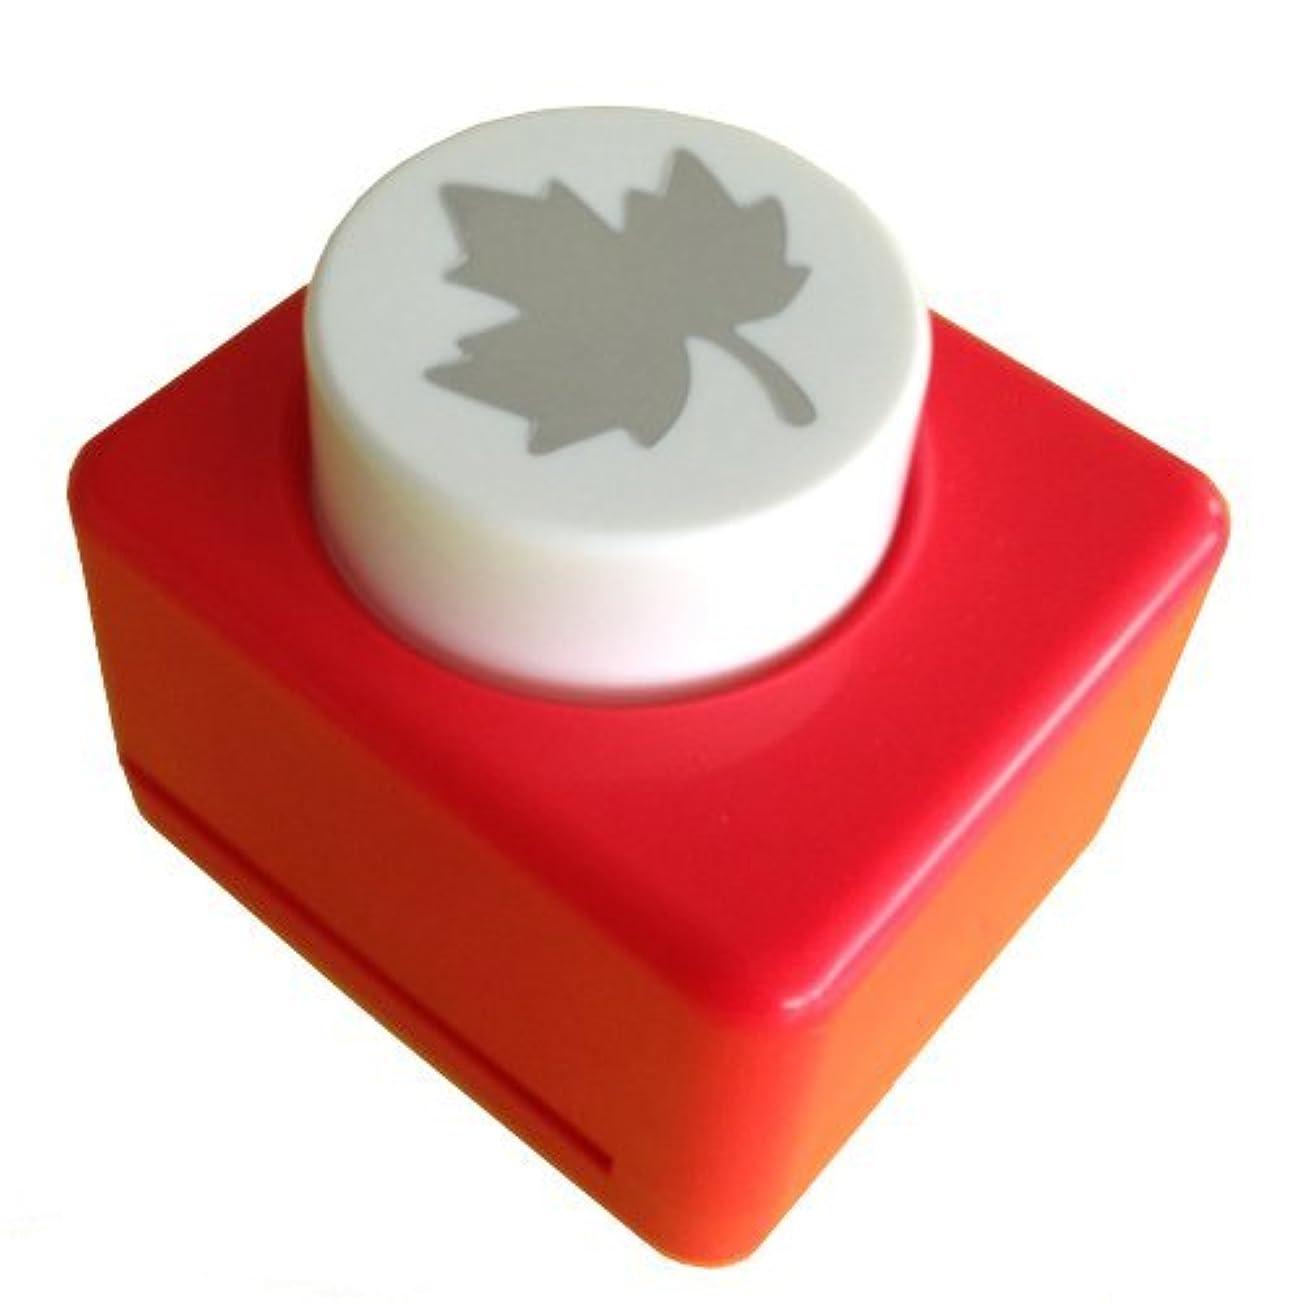 ロボットサポート請求書カール事務器 クラフトパンチ中 Maple CP-2 ????? 00906180 【まとめ買い3個セット】